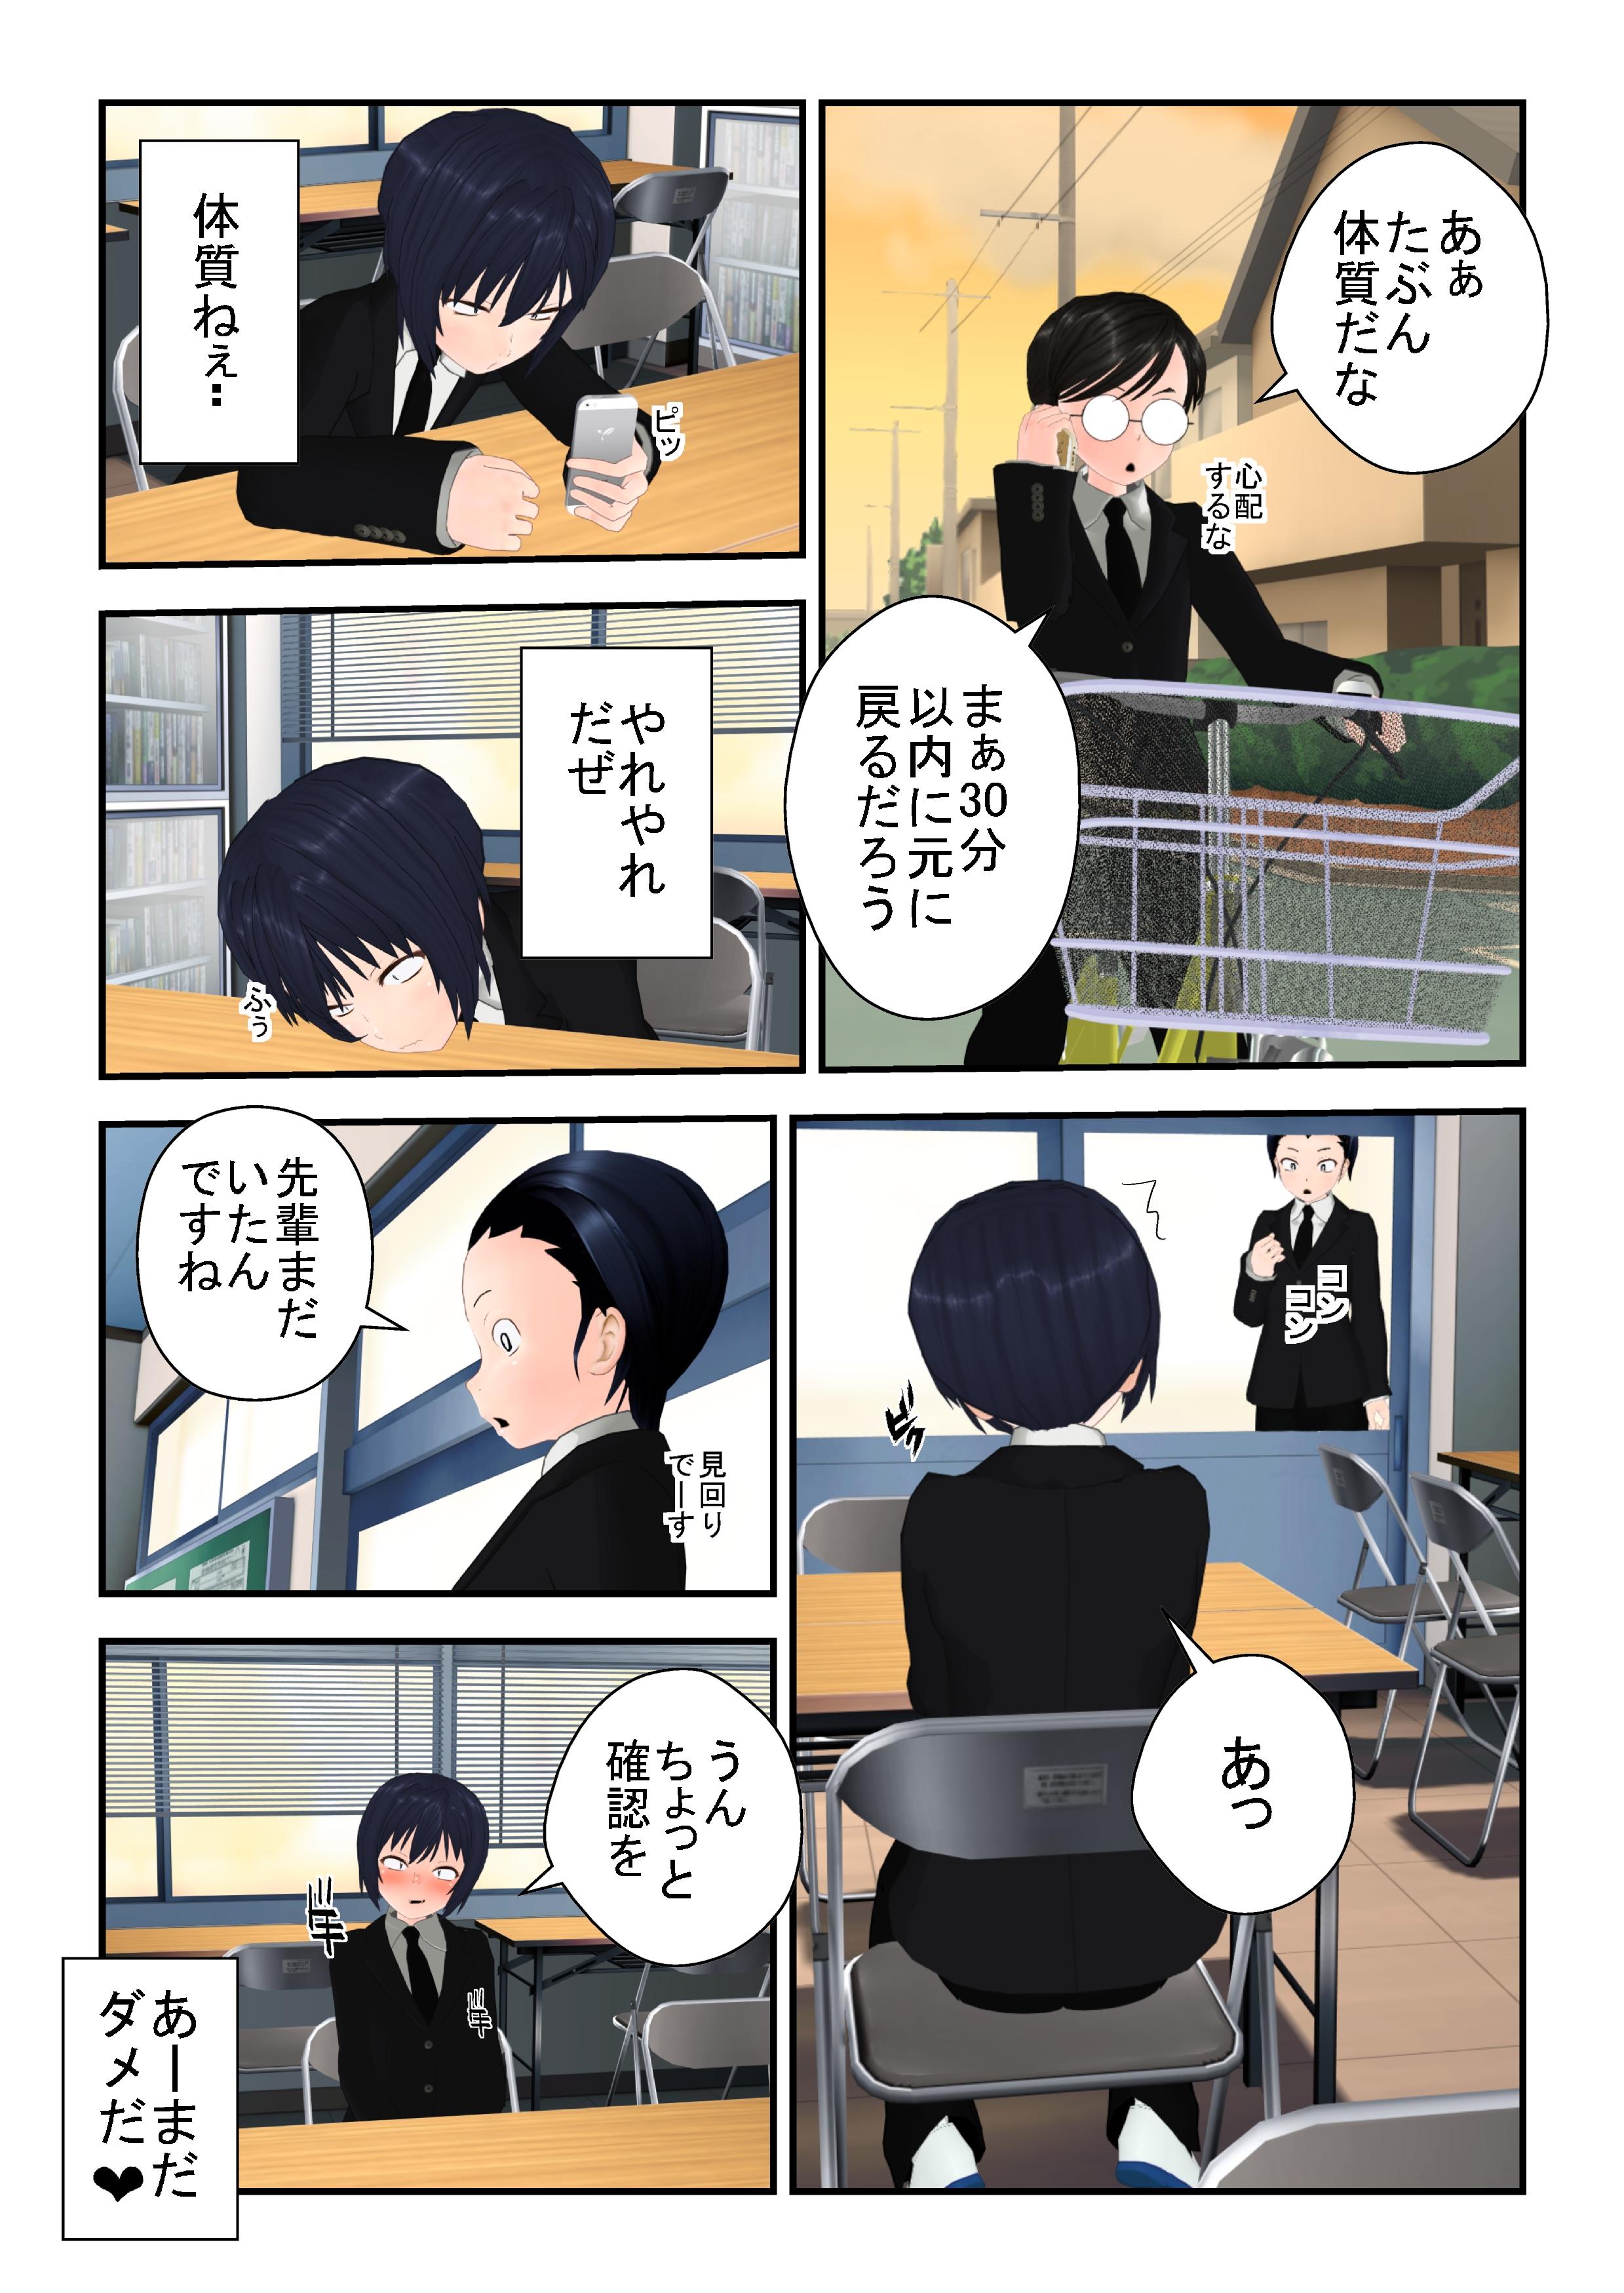 kimochi_0011.jpg